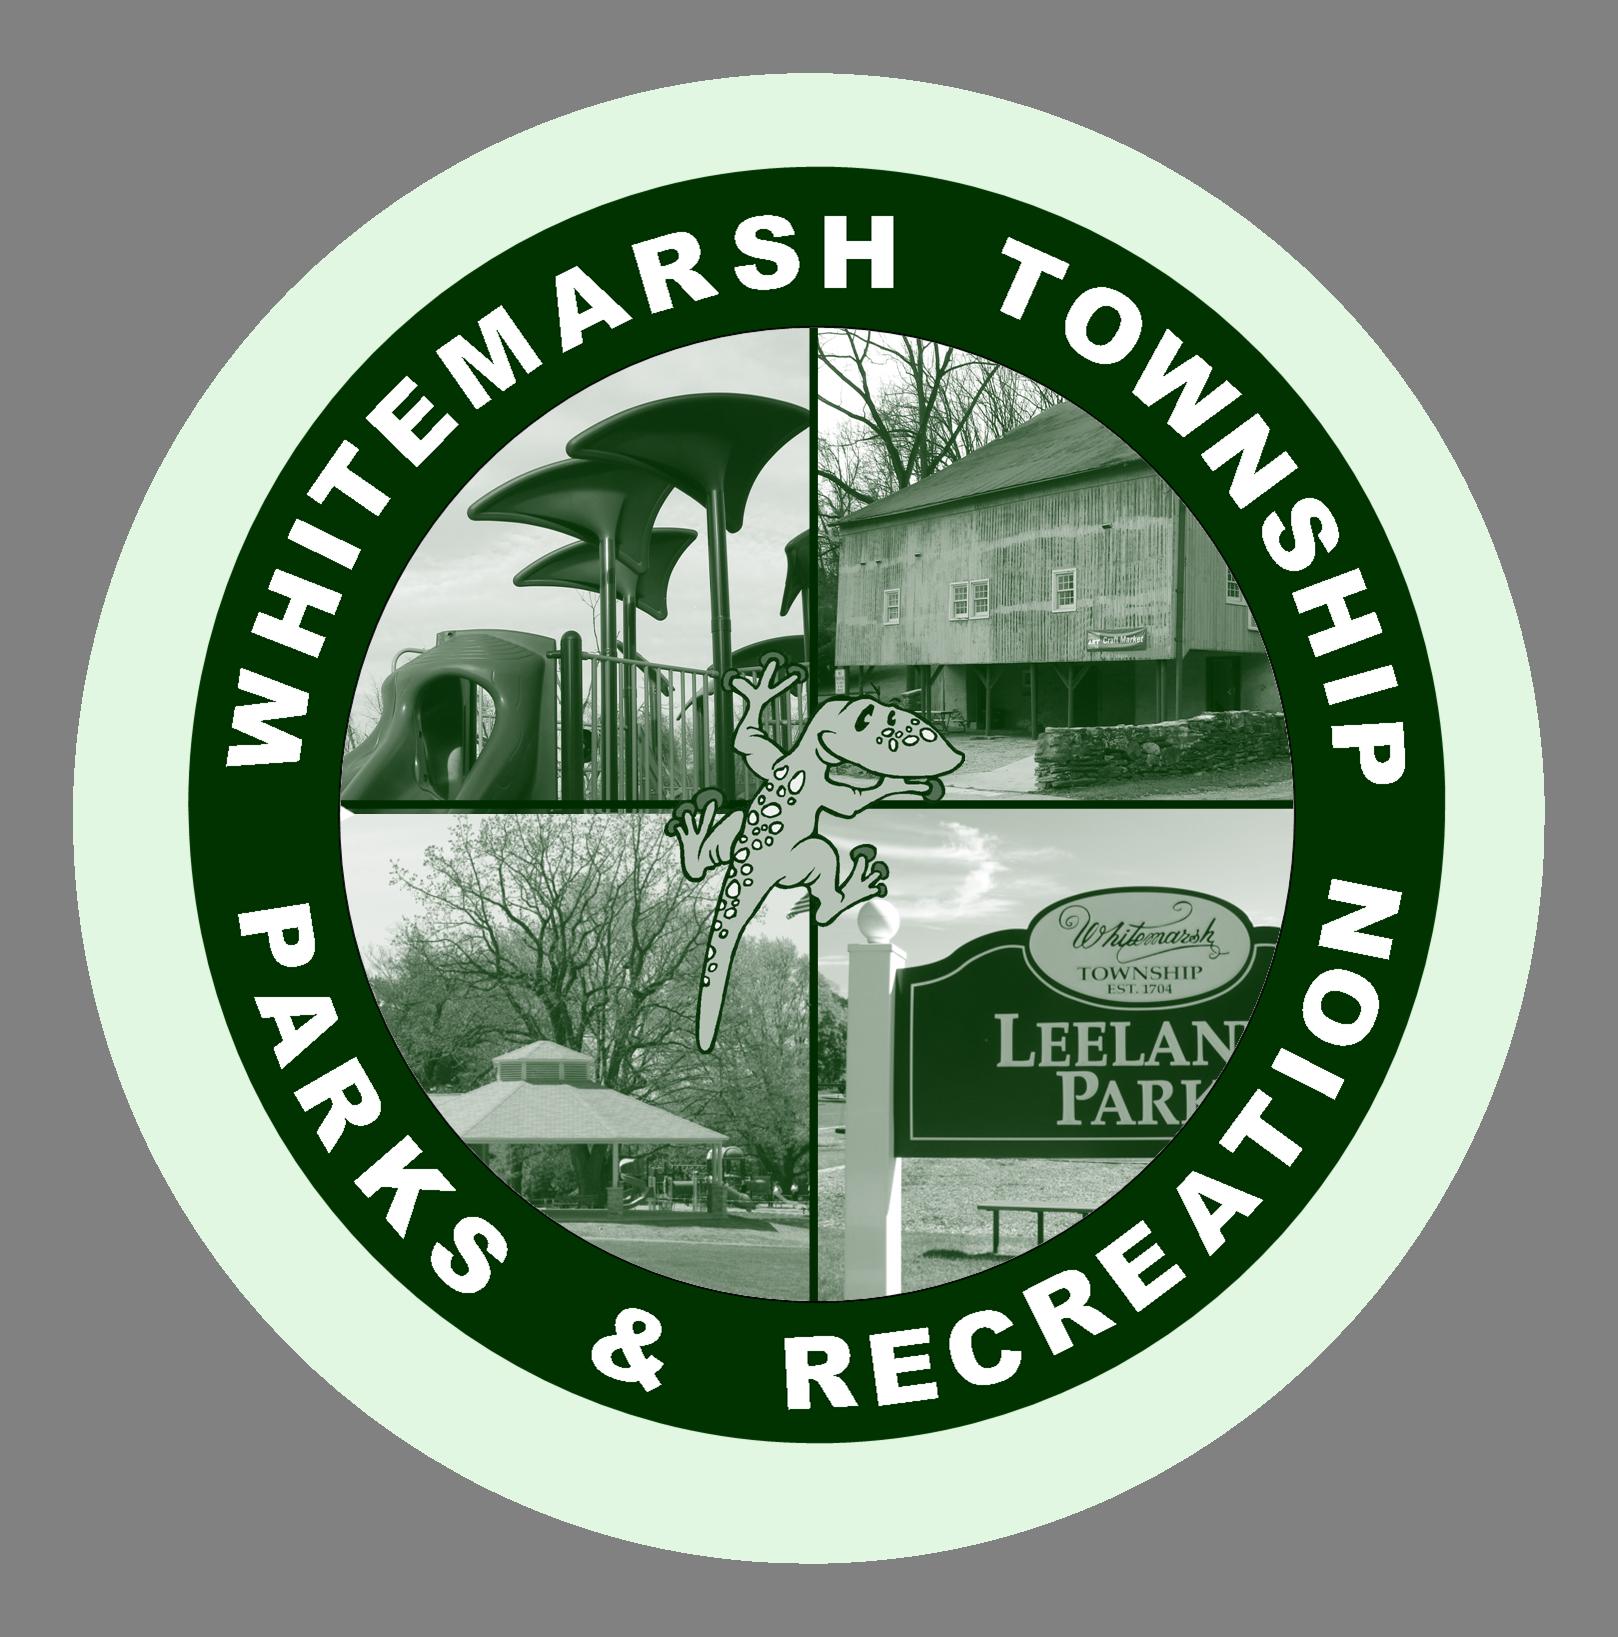 Whitemarsh Township